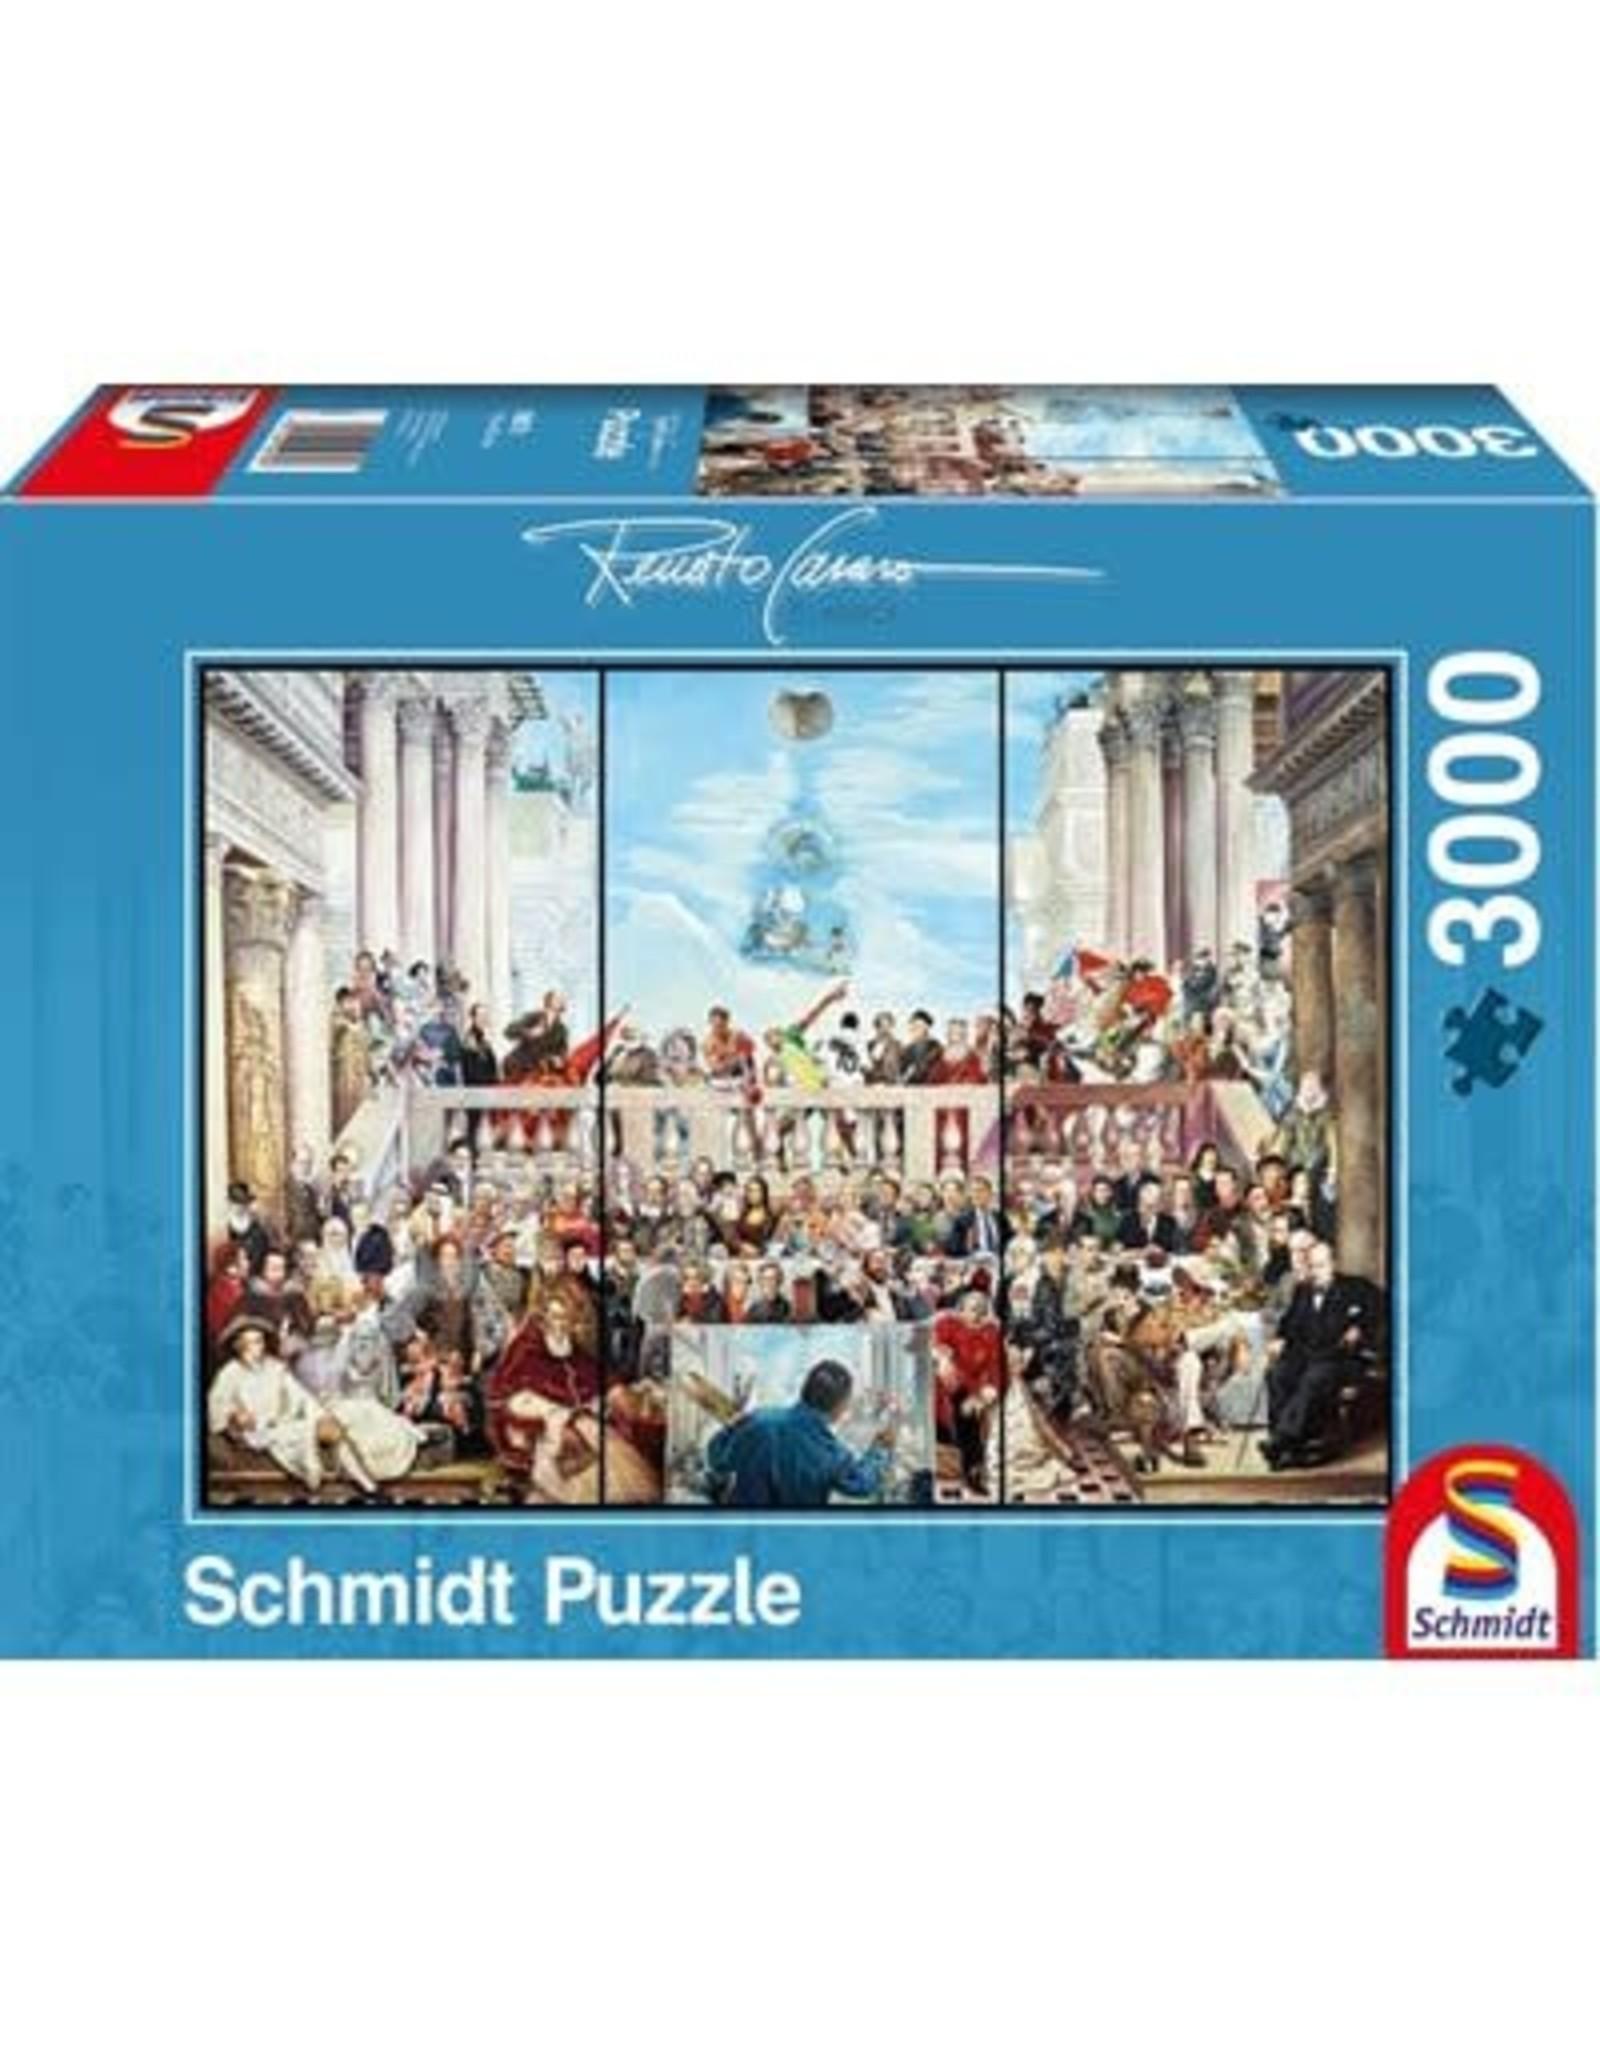 Schmidt Renato Casaro 3000pc Puzzle